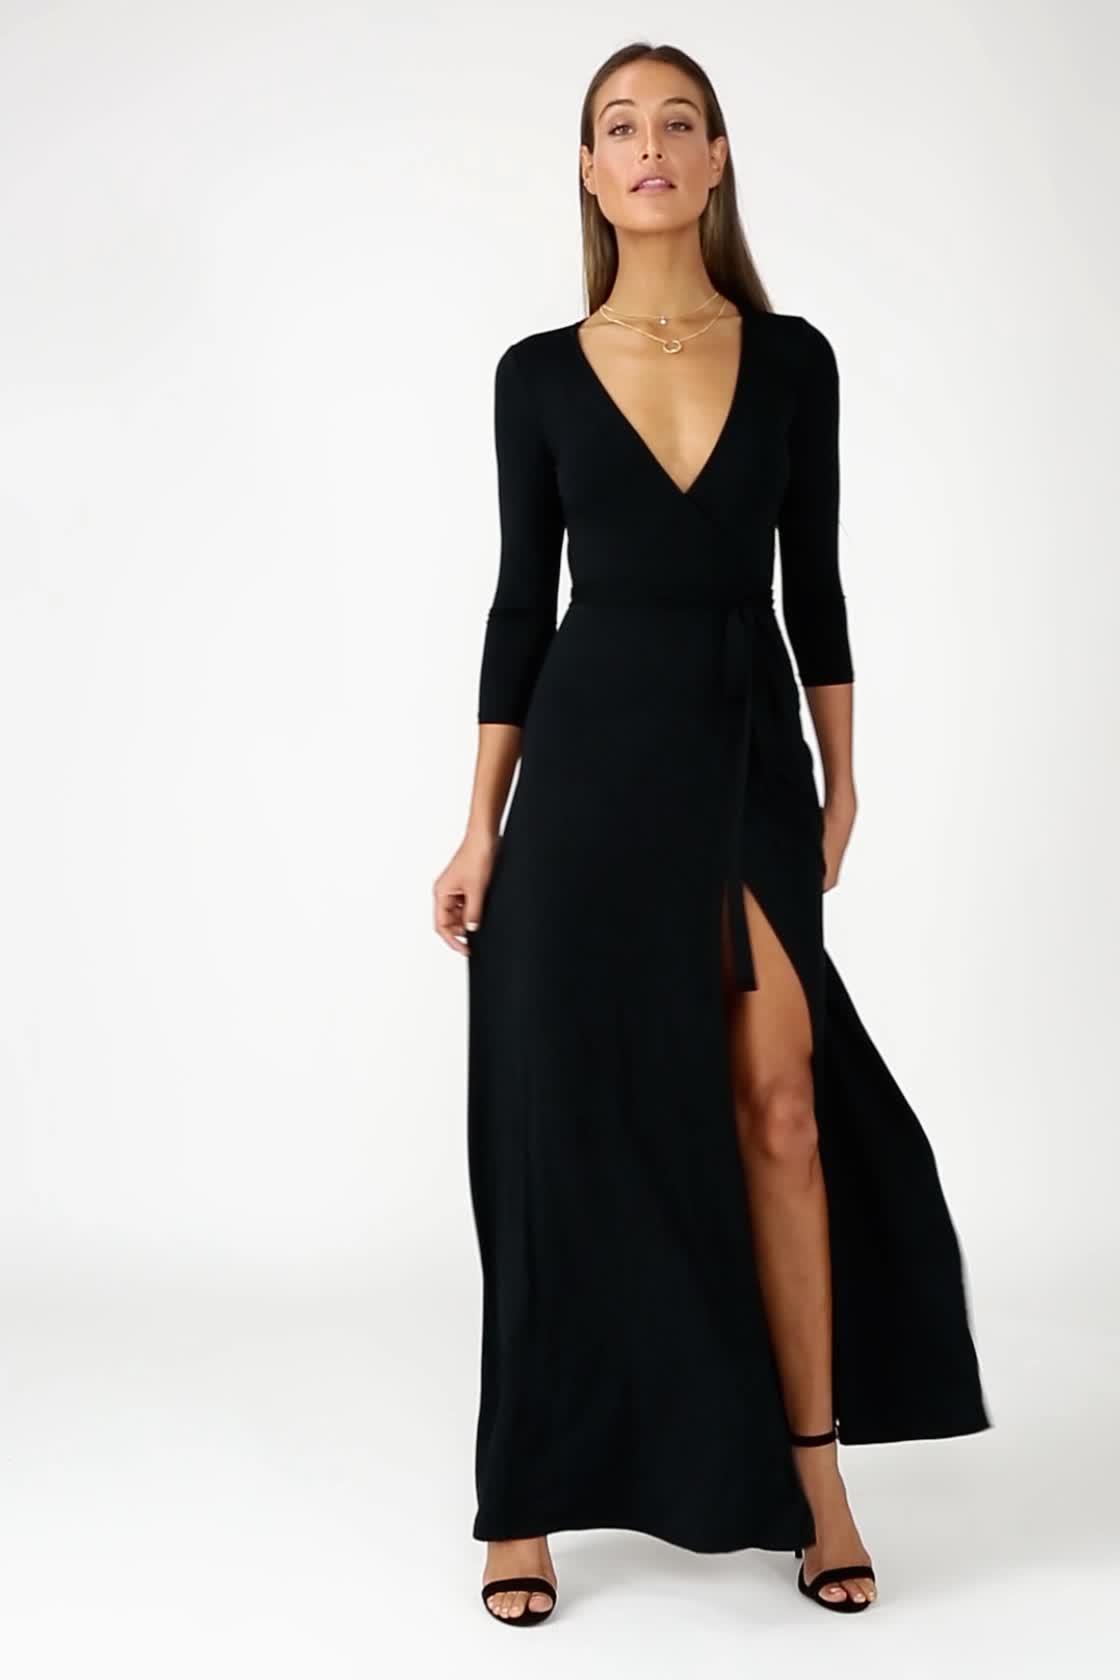 d5cb1b9293 Lovely Navy Blue Maxi Dress - Wrap Dress - Wrap Maxi Dress